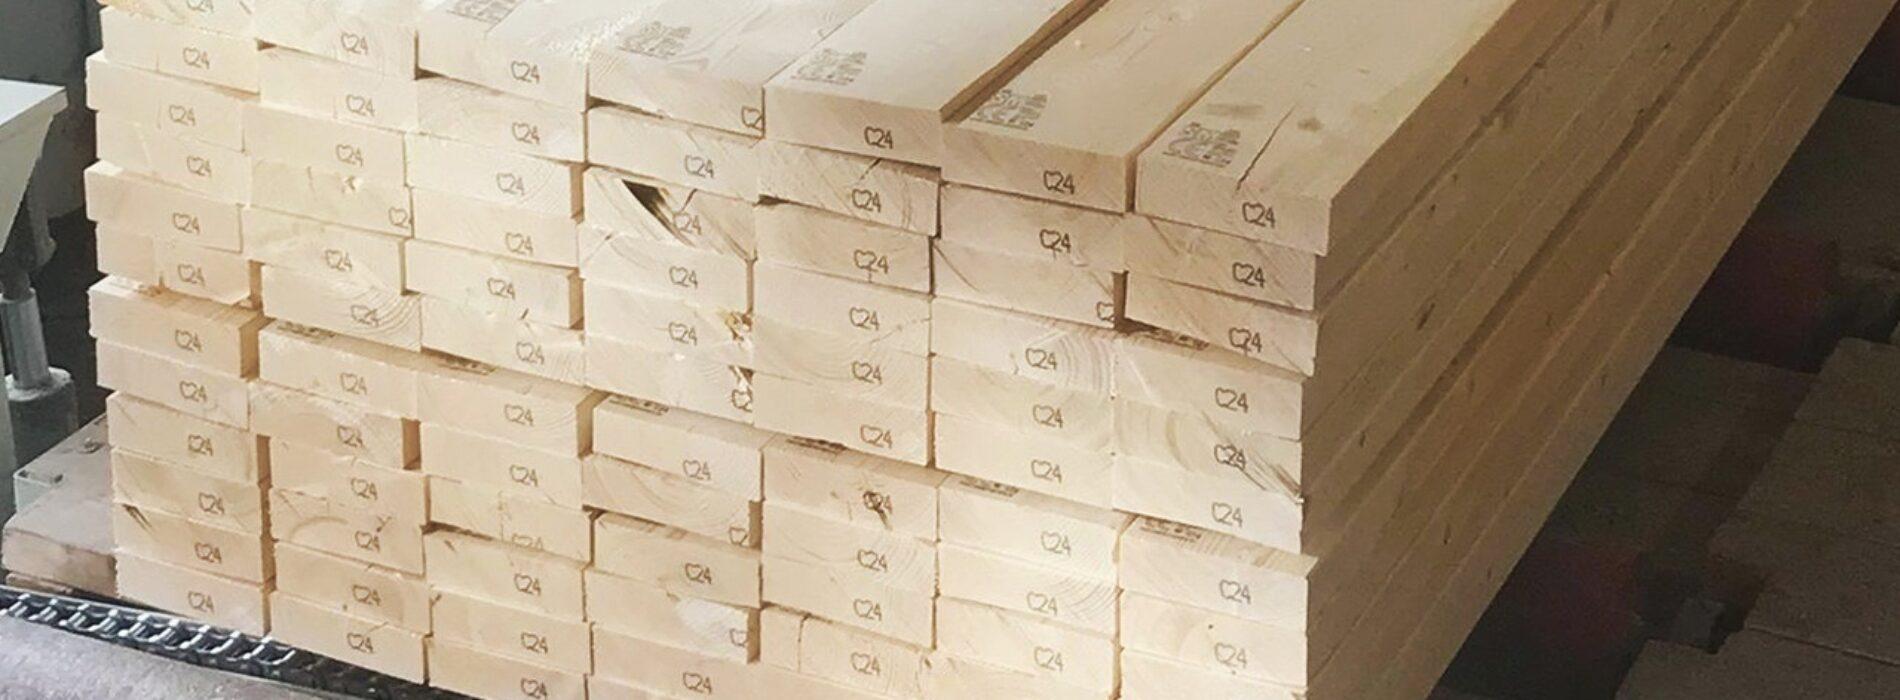 Jakie gatunki drewna konstrukcyjnego są najlepsze? Przegląd dostępnych wariantów